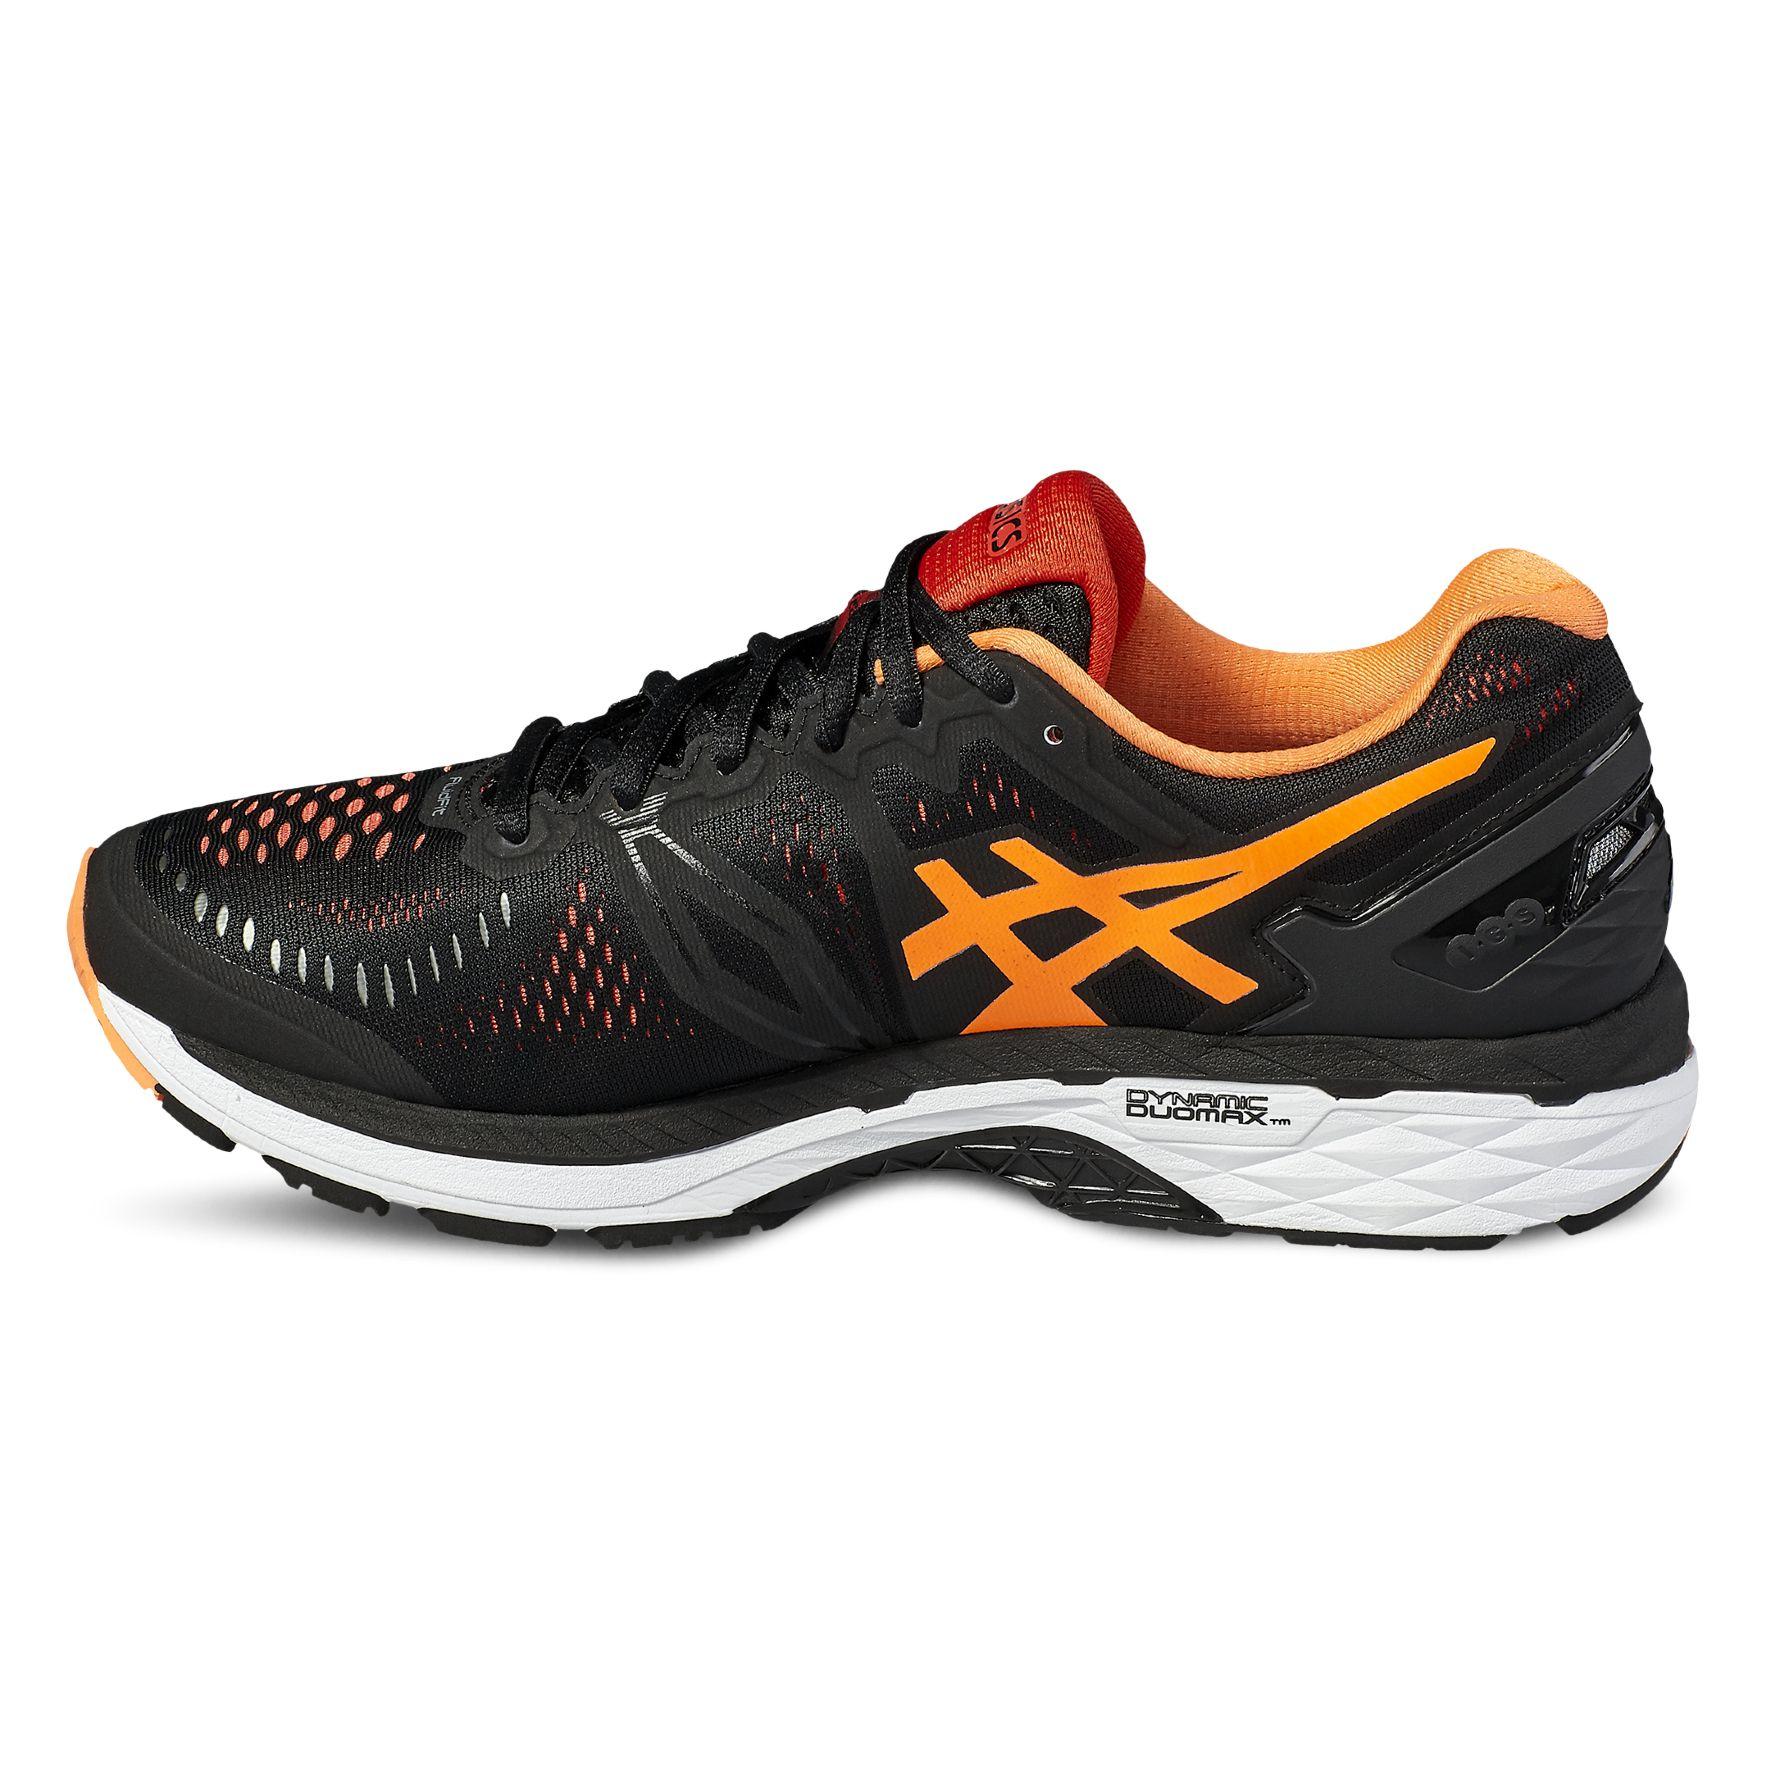 asics gel kayano 23 mens running shoes. Black Bedroom Furniture Sets. Home Design Ideas